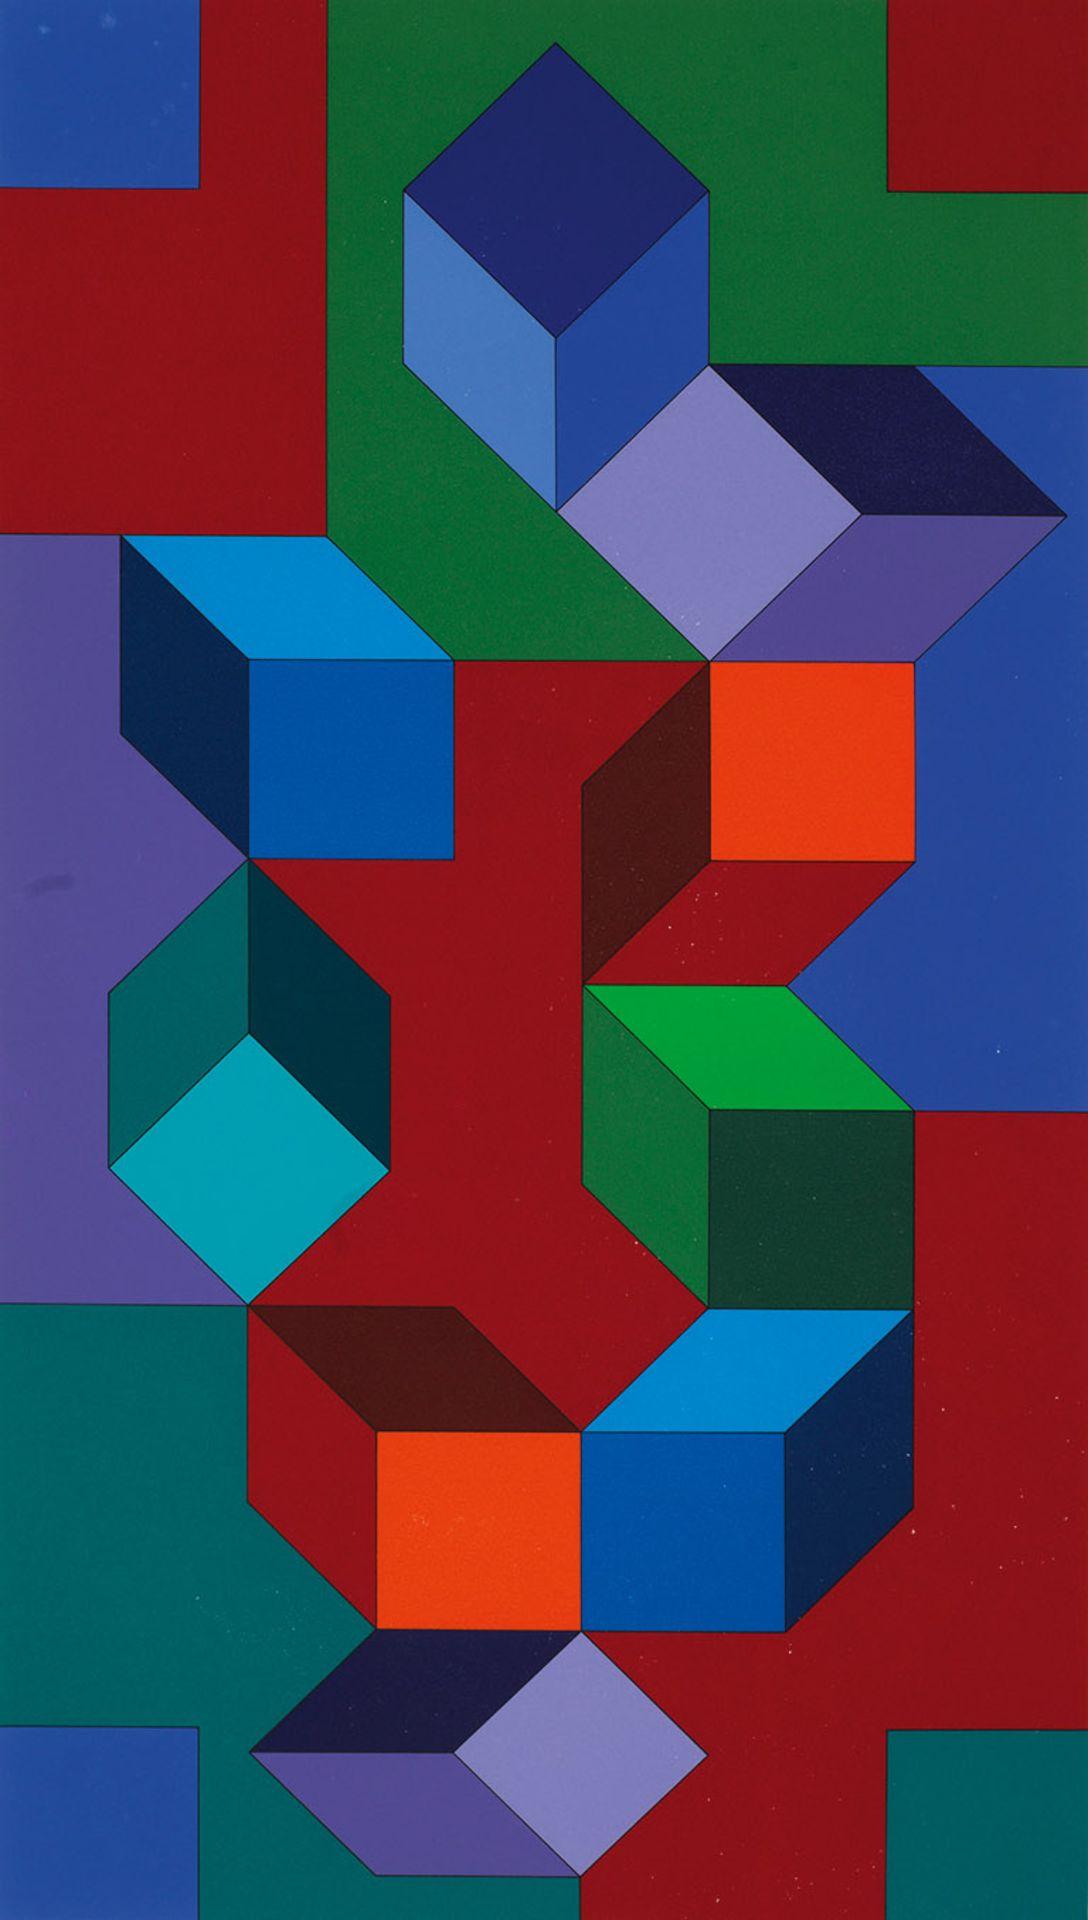 Victor Vasarely - Bild 2 aus 2